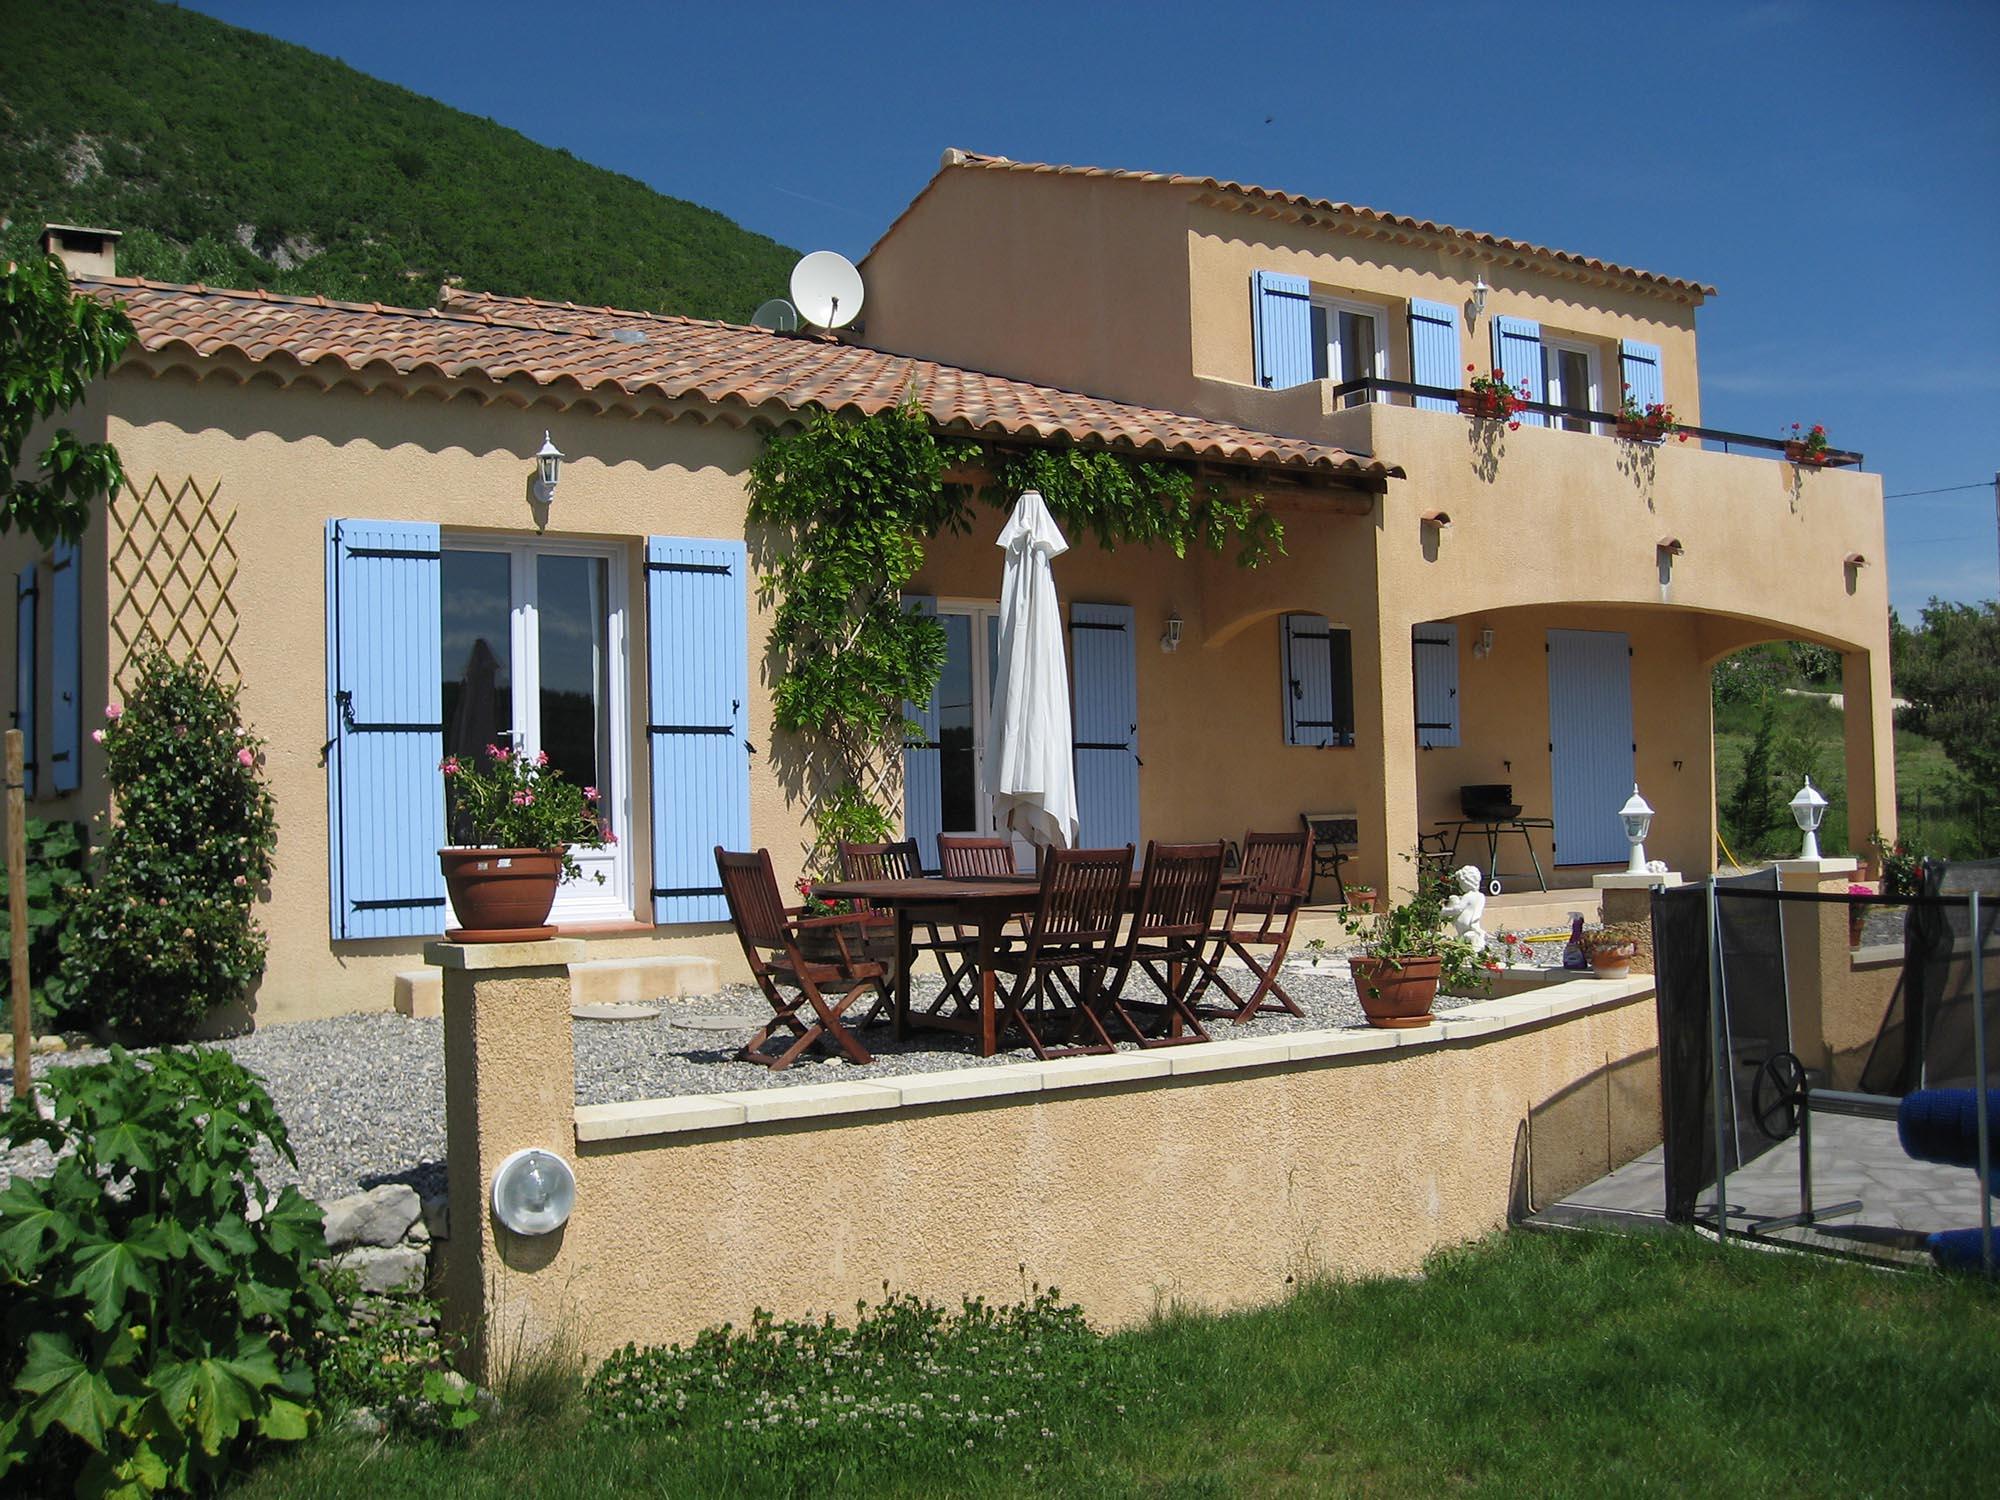 Apd04ban7 villa avec piscine pour de belles vacances en for Des belles villas